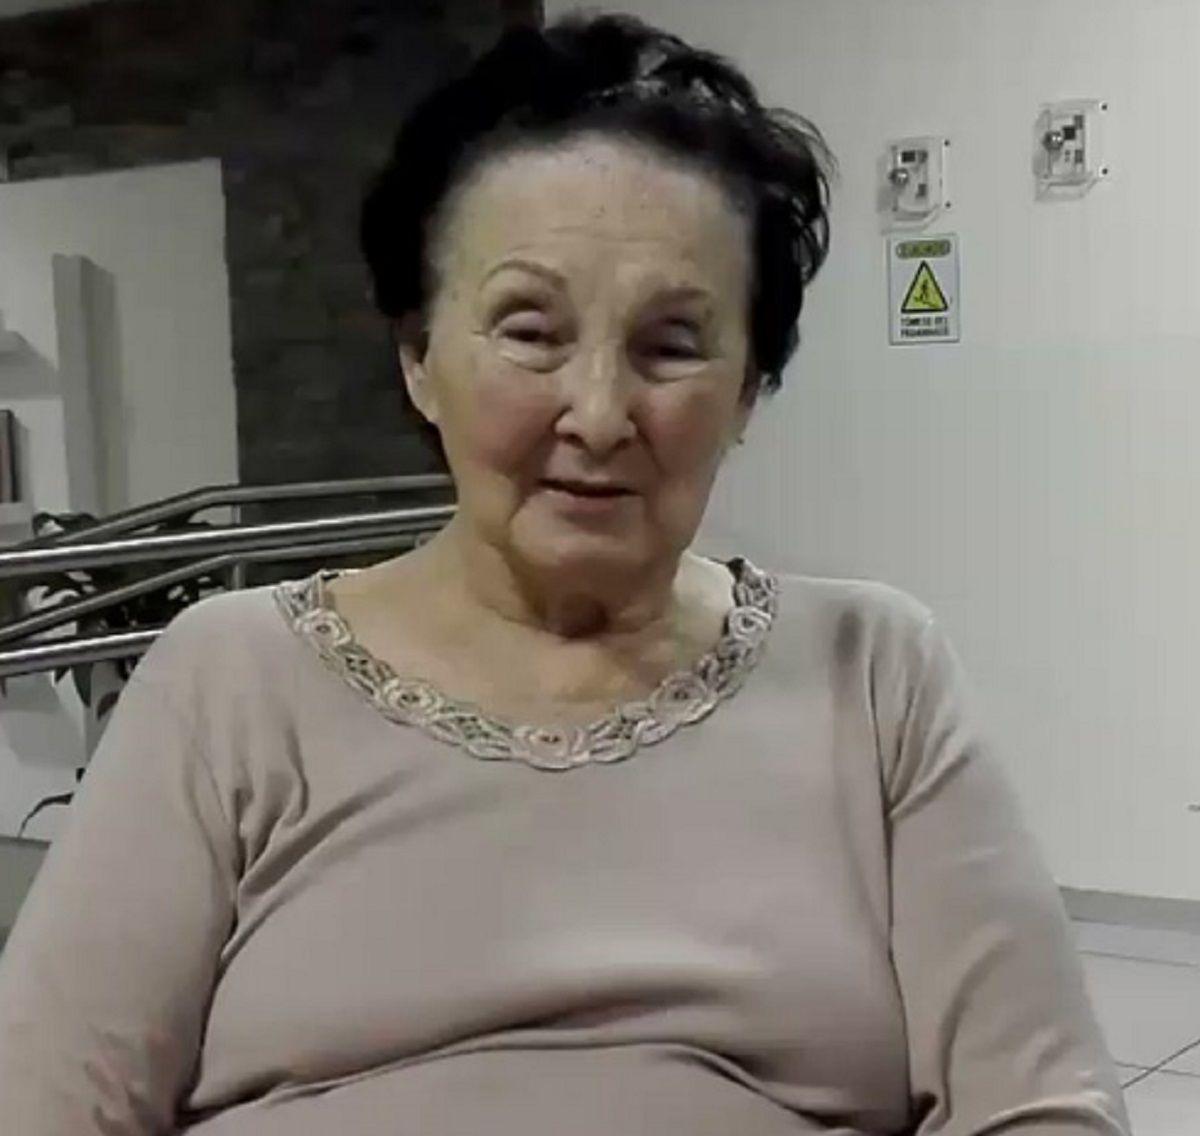 Tiene Alzheimer y quiere conocer al plantel de River: el video viral que emocionó a todos